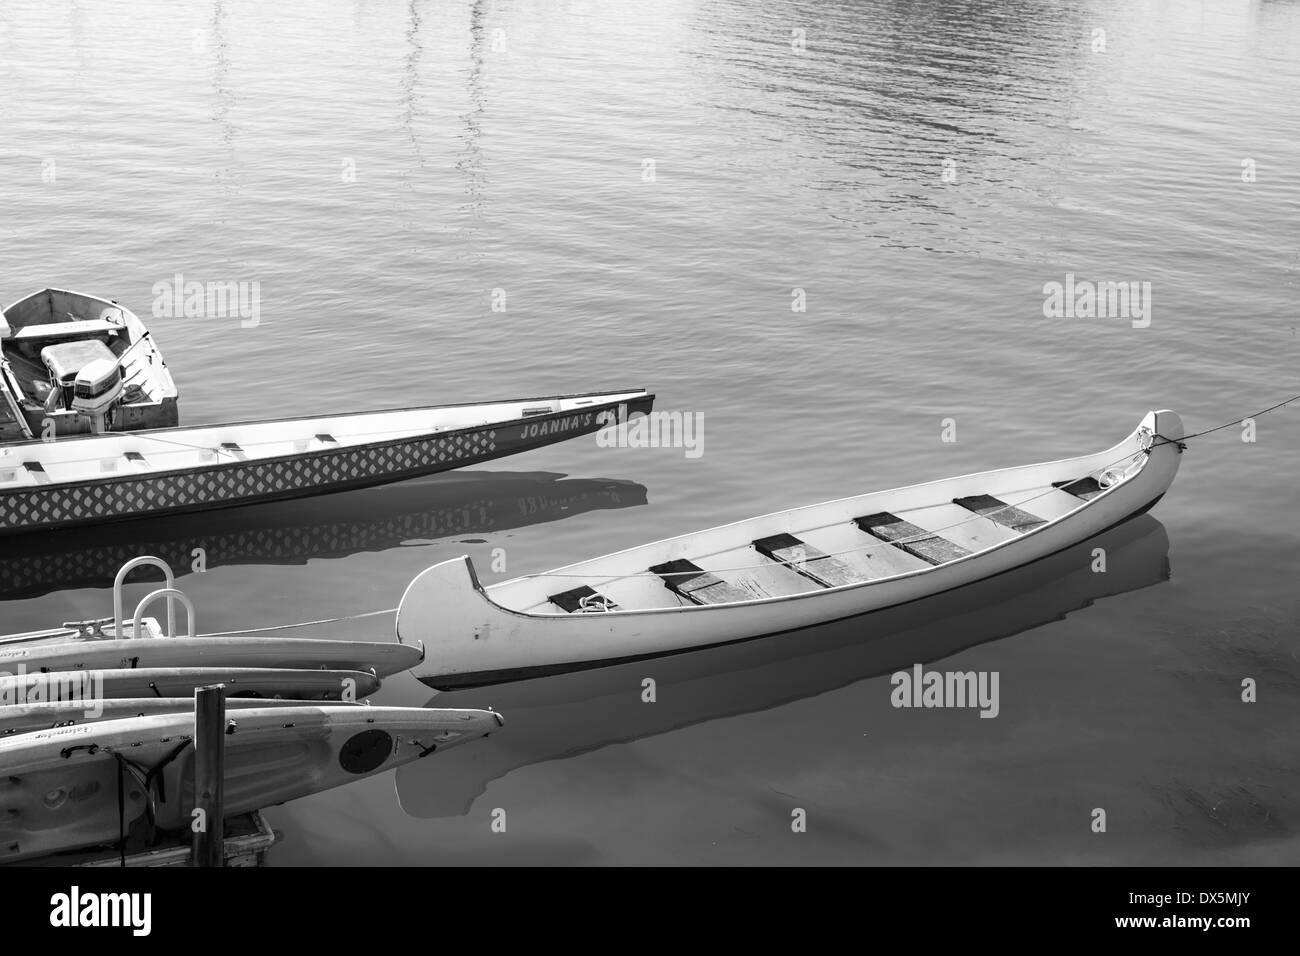 Atracadero de embarcaciones en aguas tranquilas en Morro Bay, California, Estados Unidos Imagen De Stock